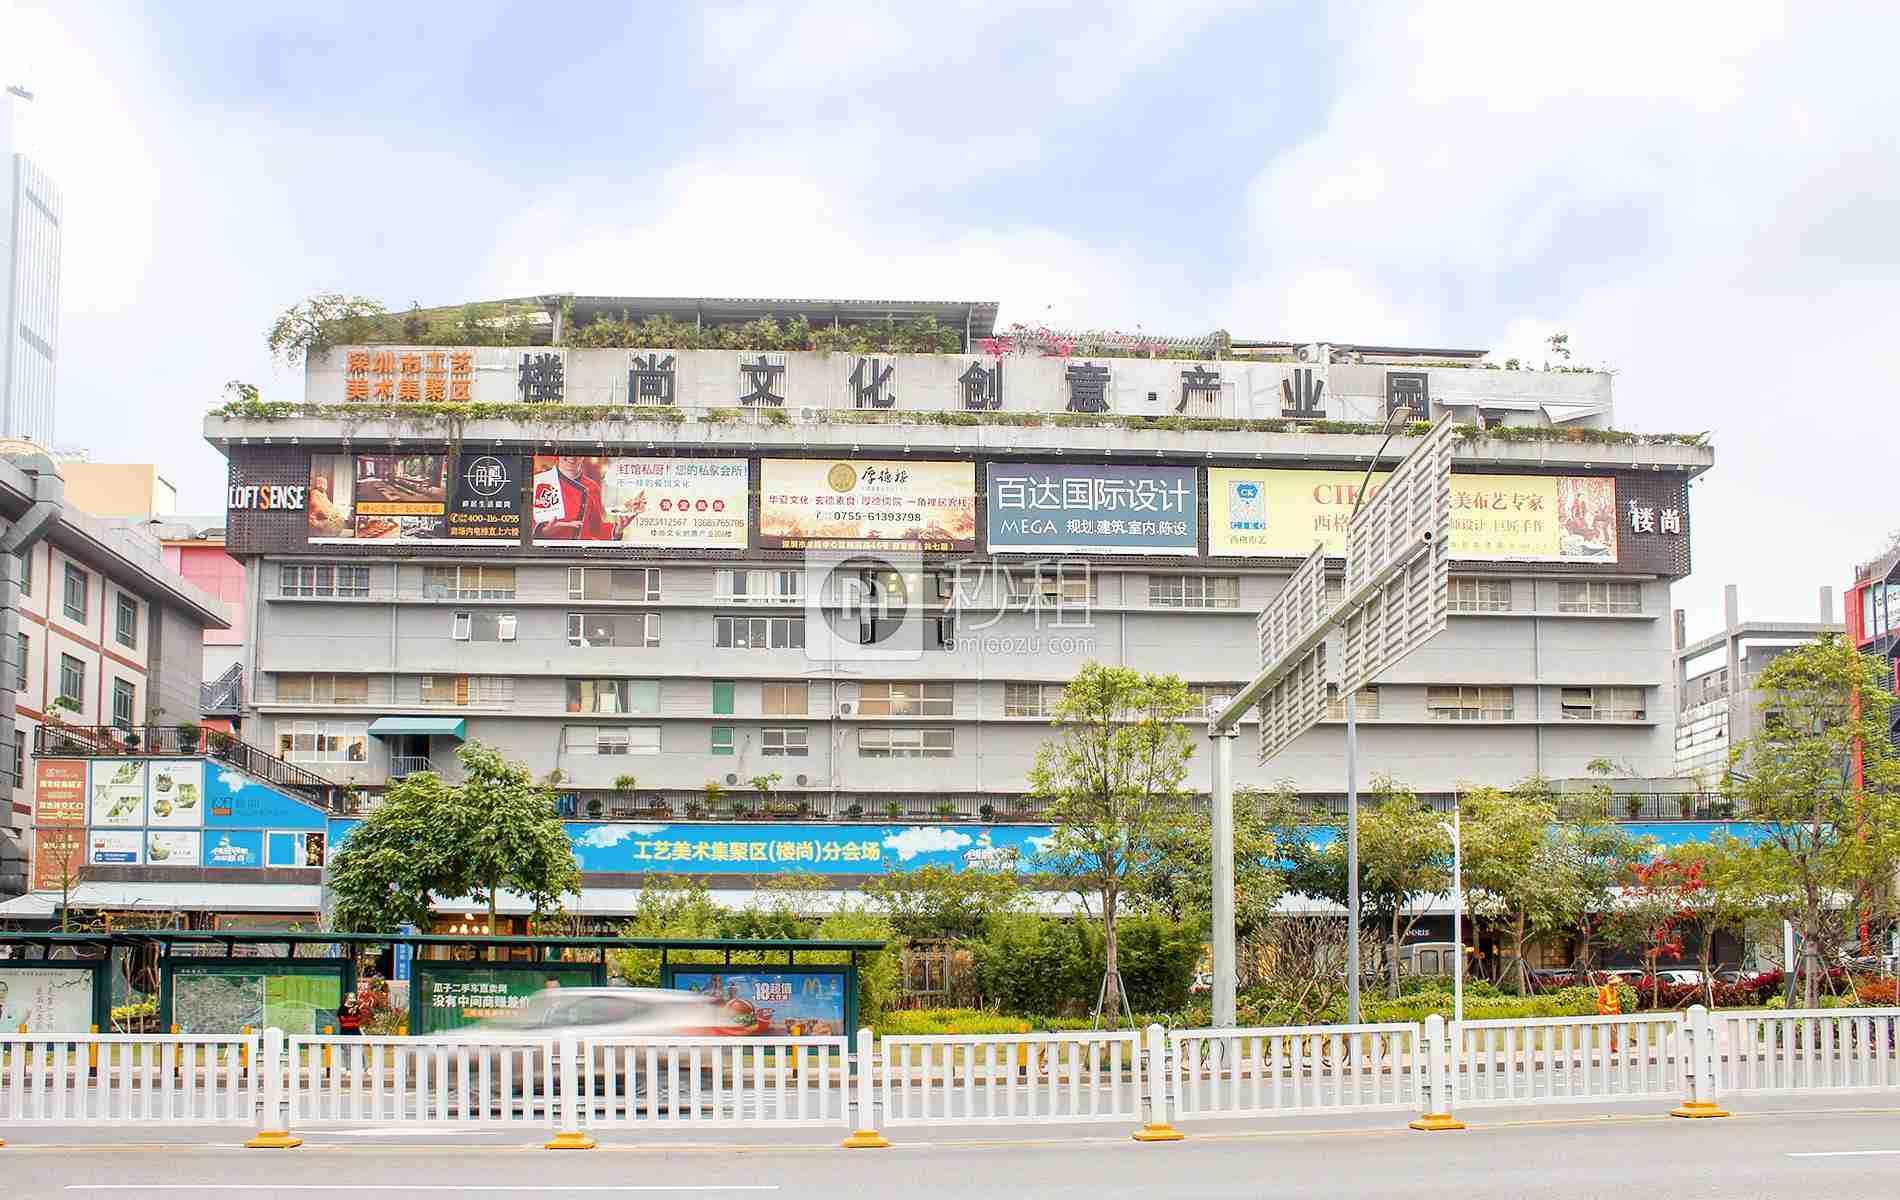 楼尚文化创意产业园